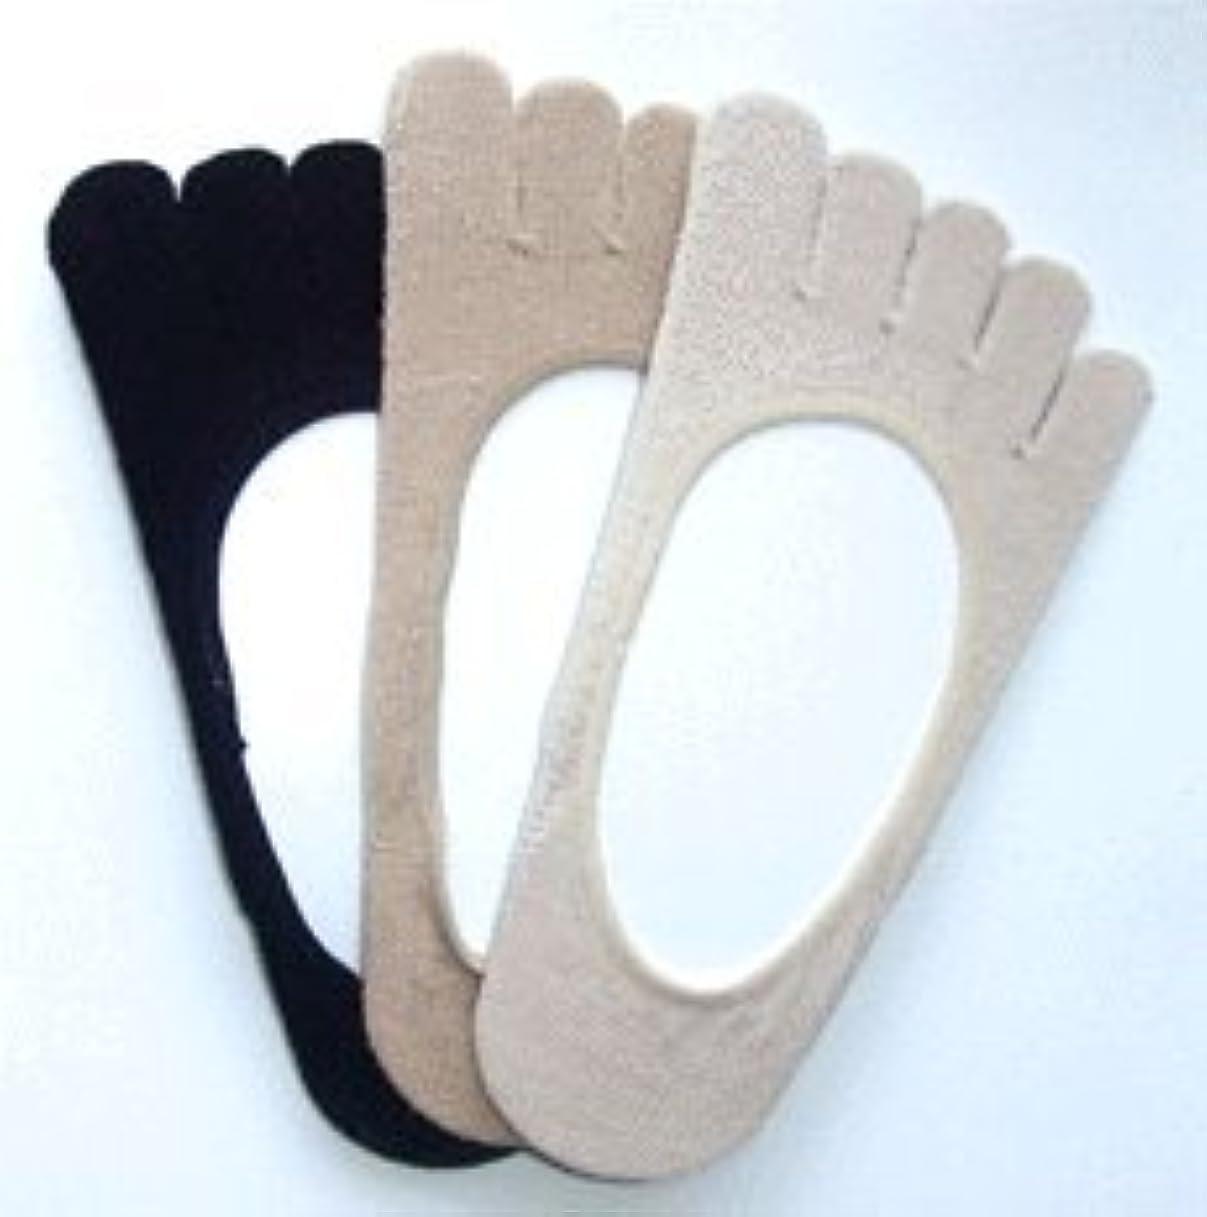 ボックス知人生物学日本製 シルク五本指 フットカバー パンプスインソックス 3足組(ベージュ系2足、黒色1足)